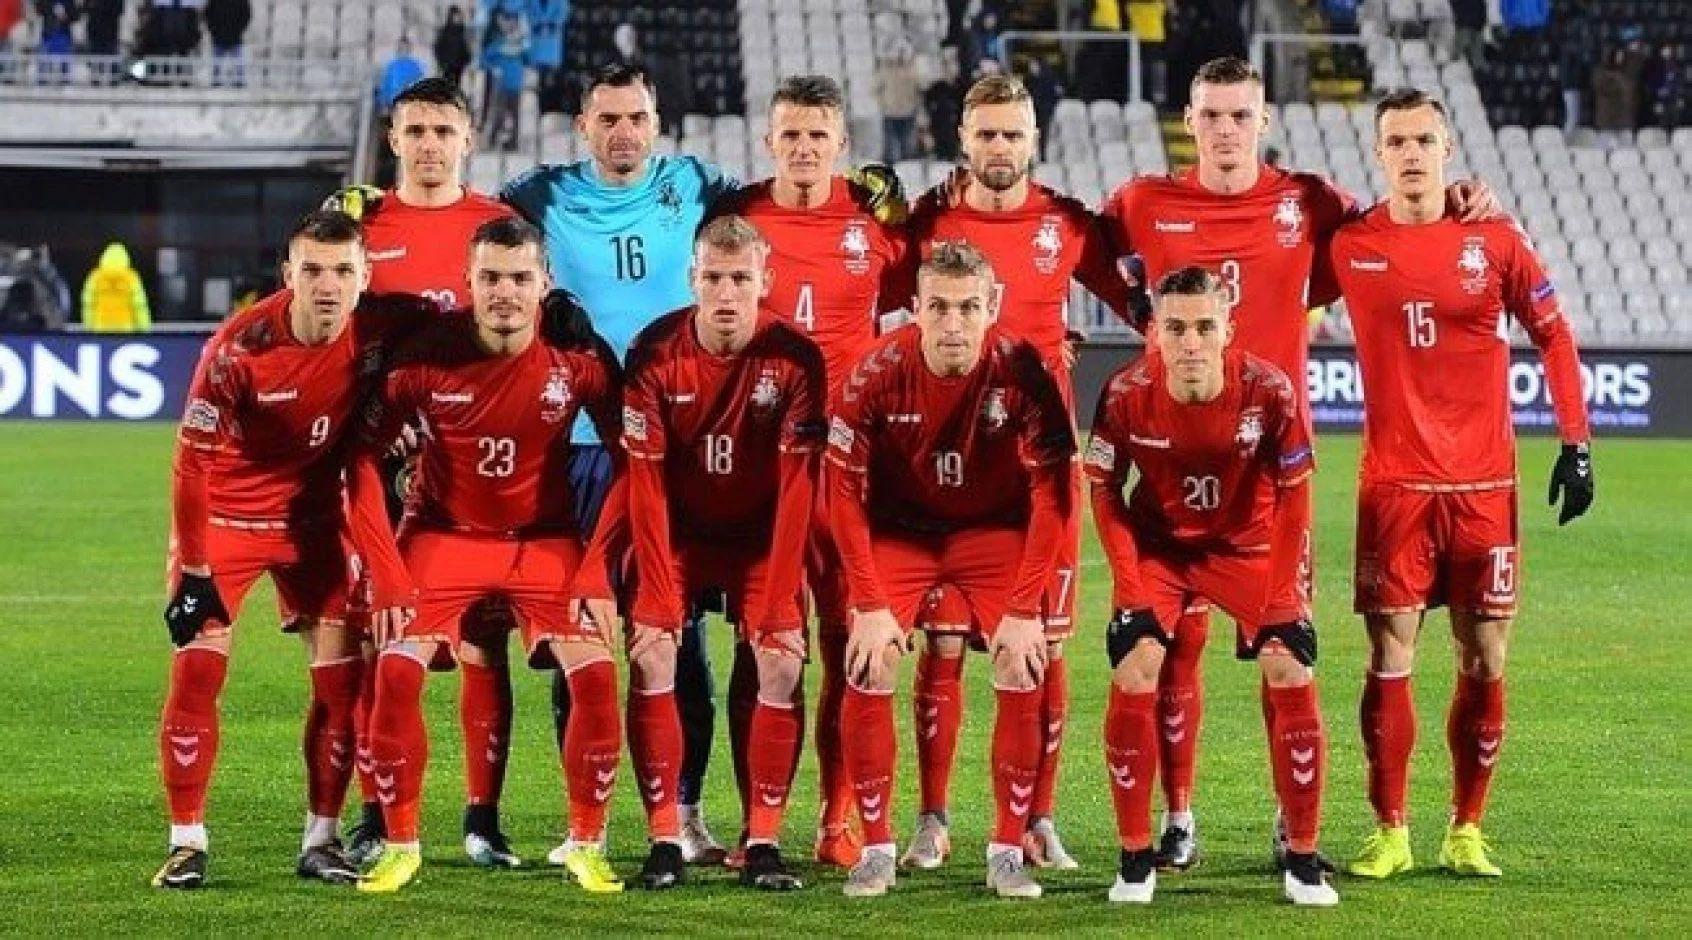 Литовцы будут стараться действовать амбициозно, агрессивно и самоотверженно